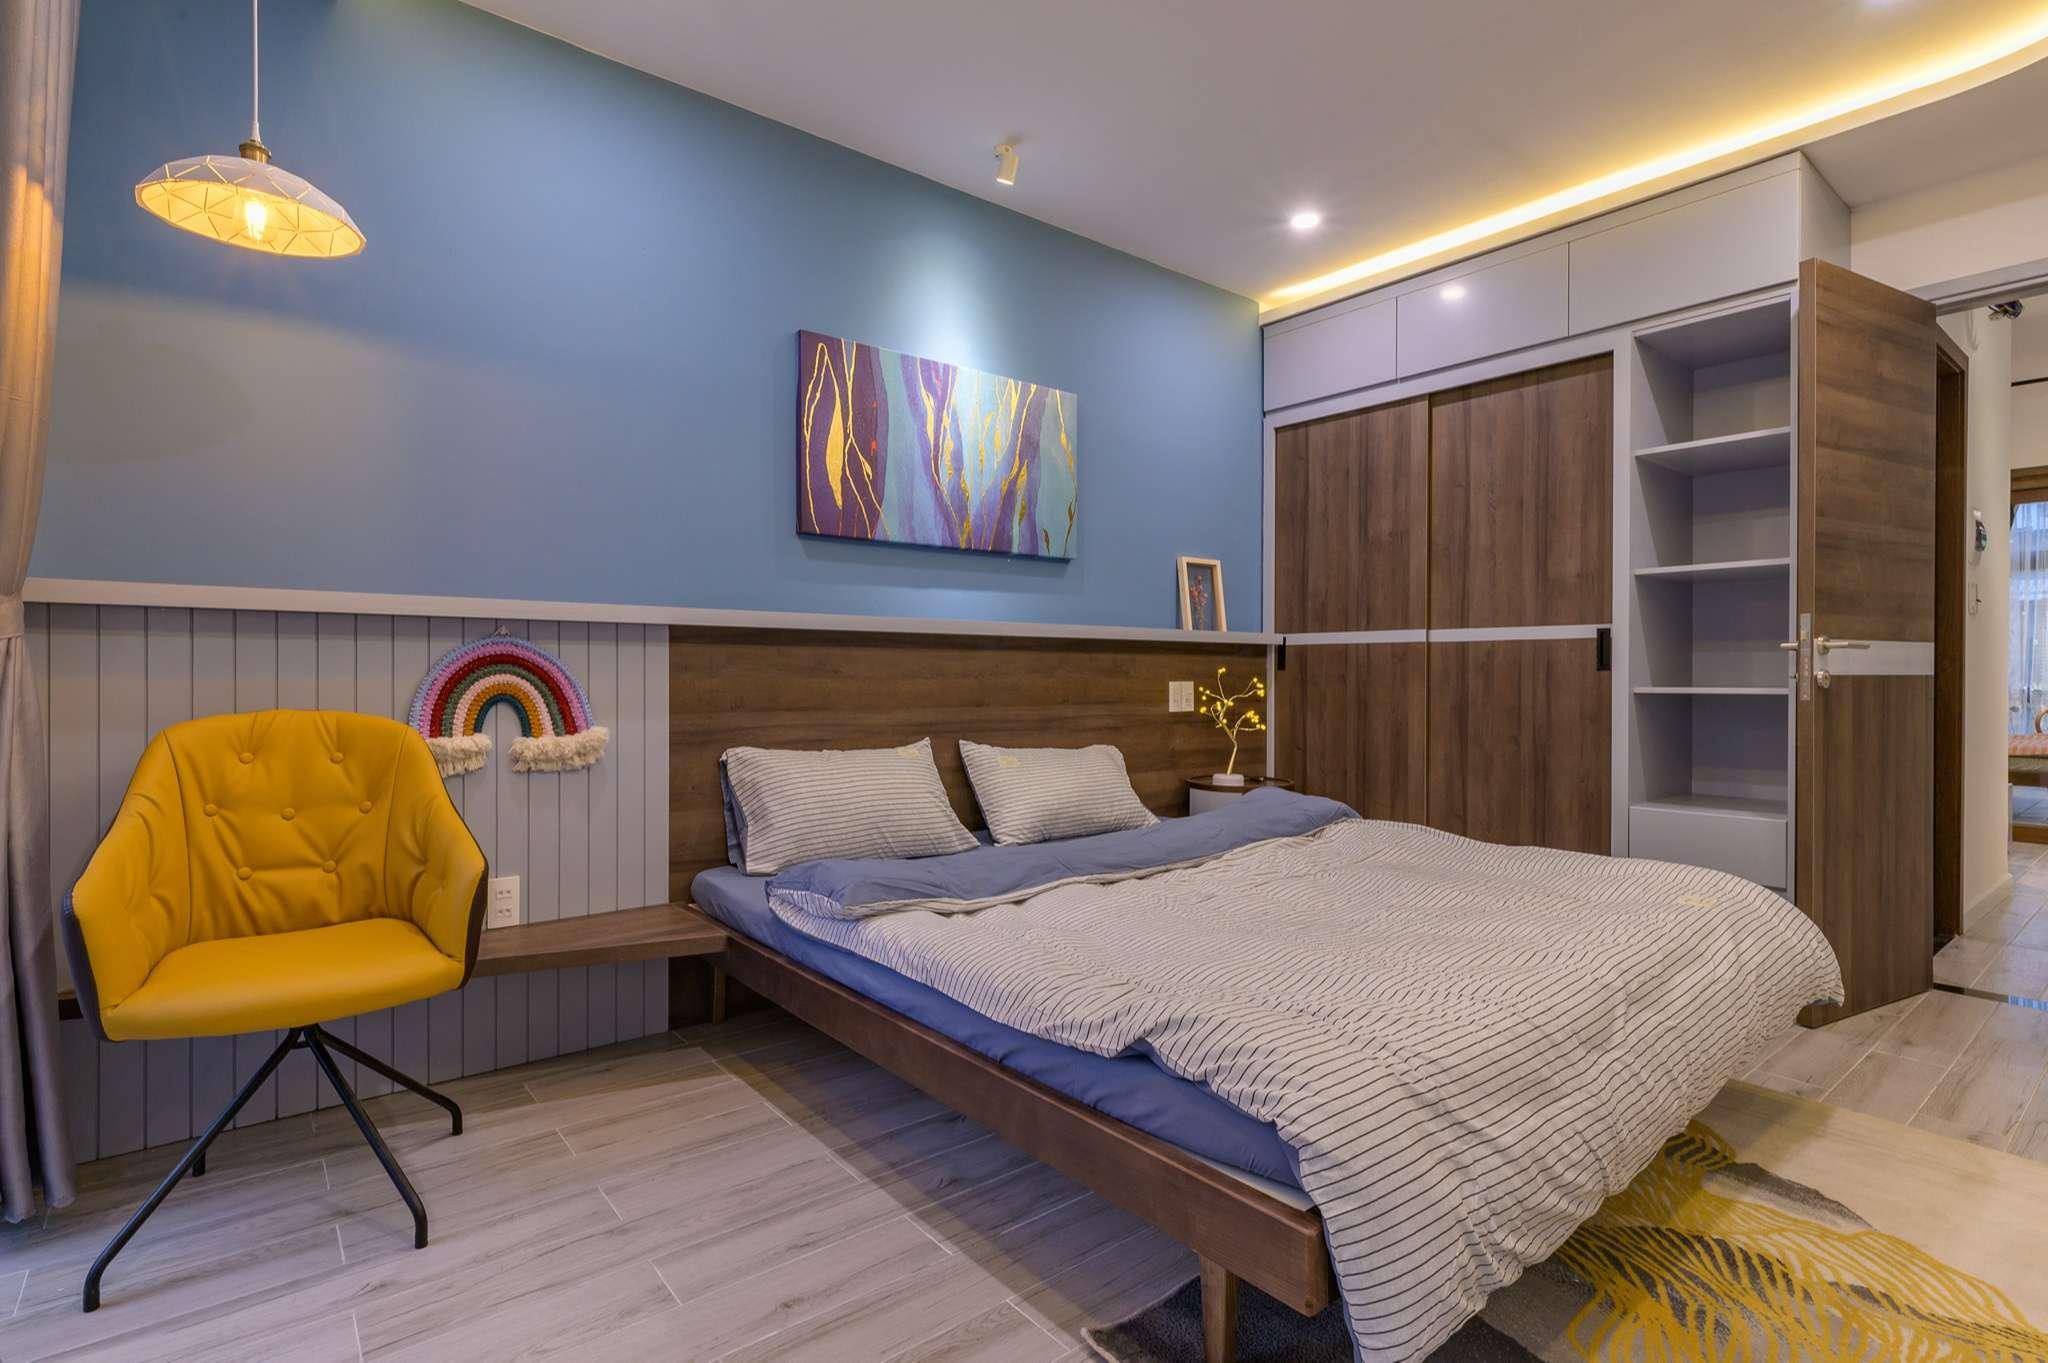 Mỗi phòng lại được decor theo một phong cách khác nhau